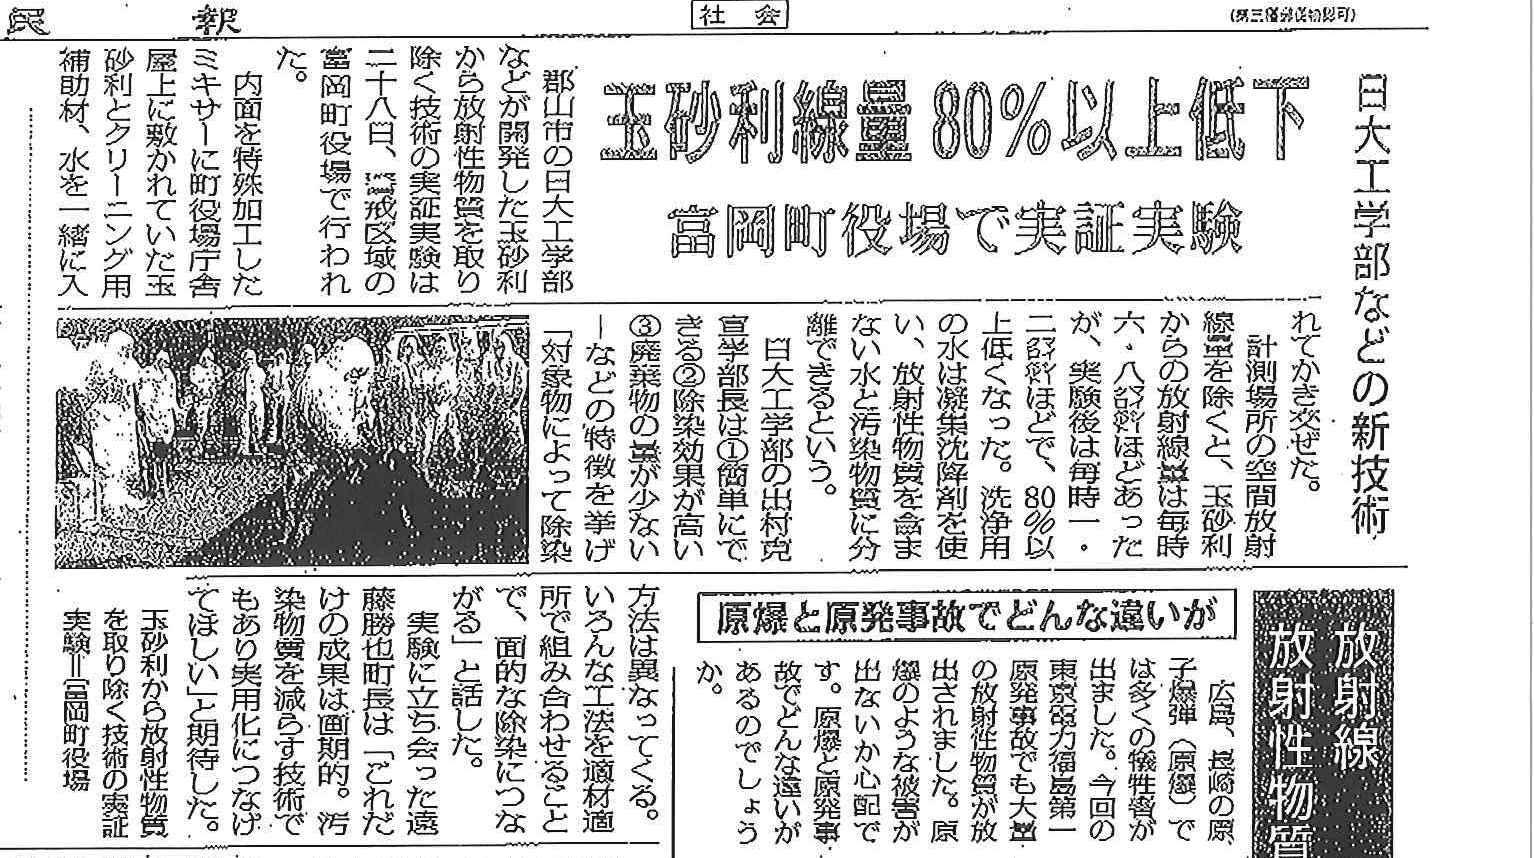 福島民報1月28日号